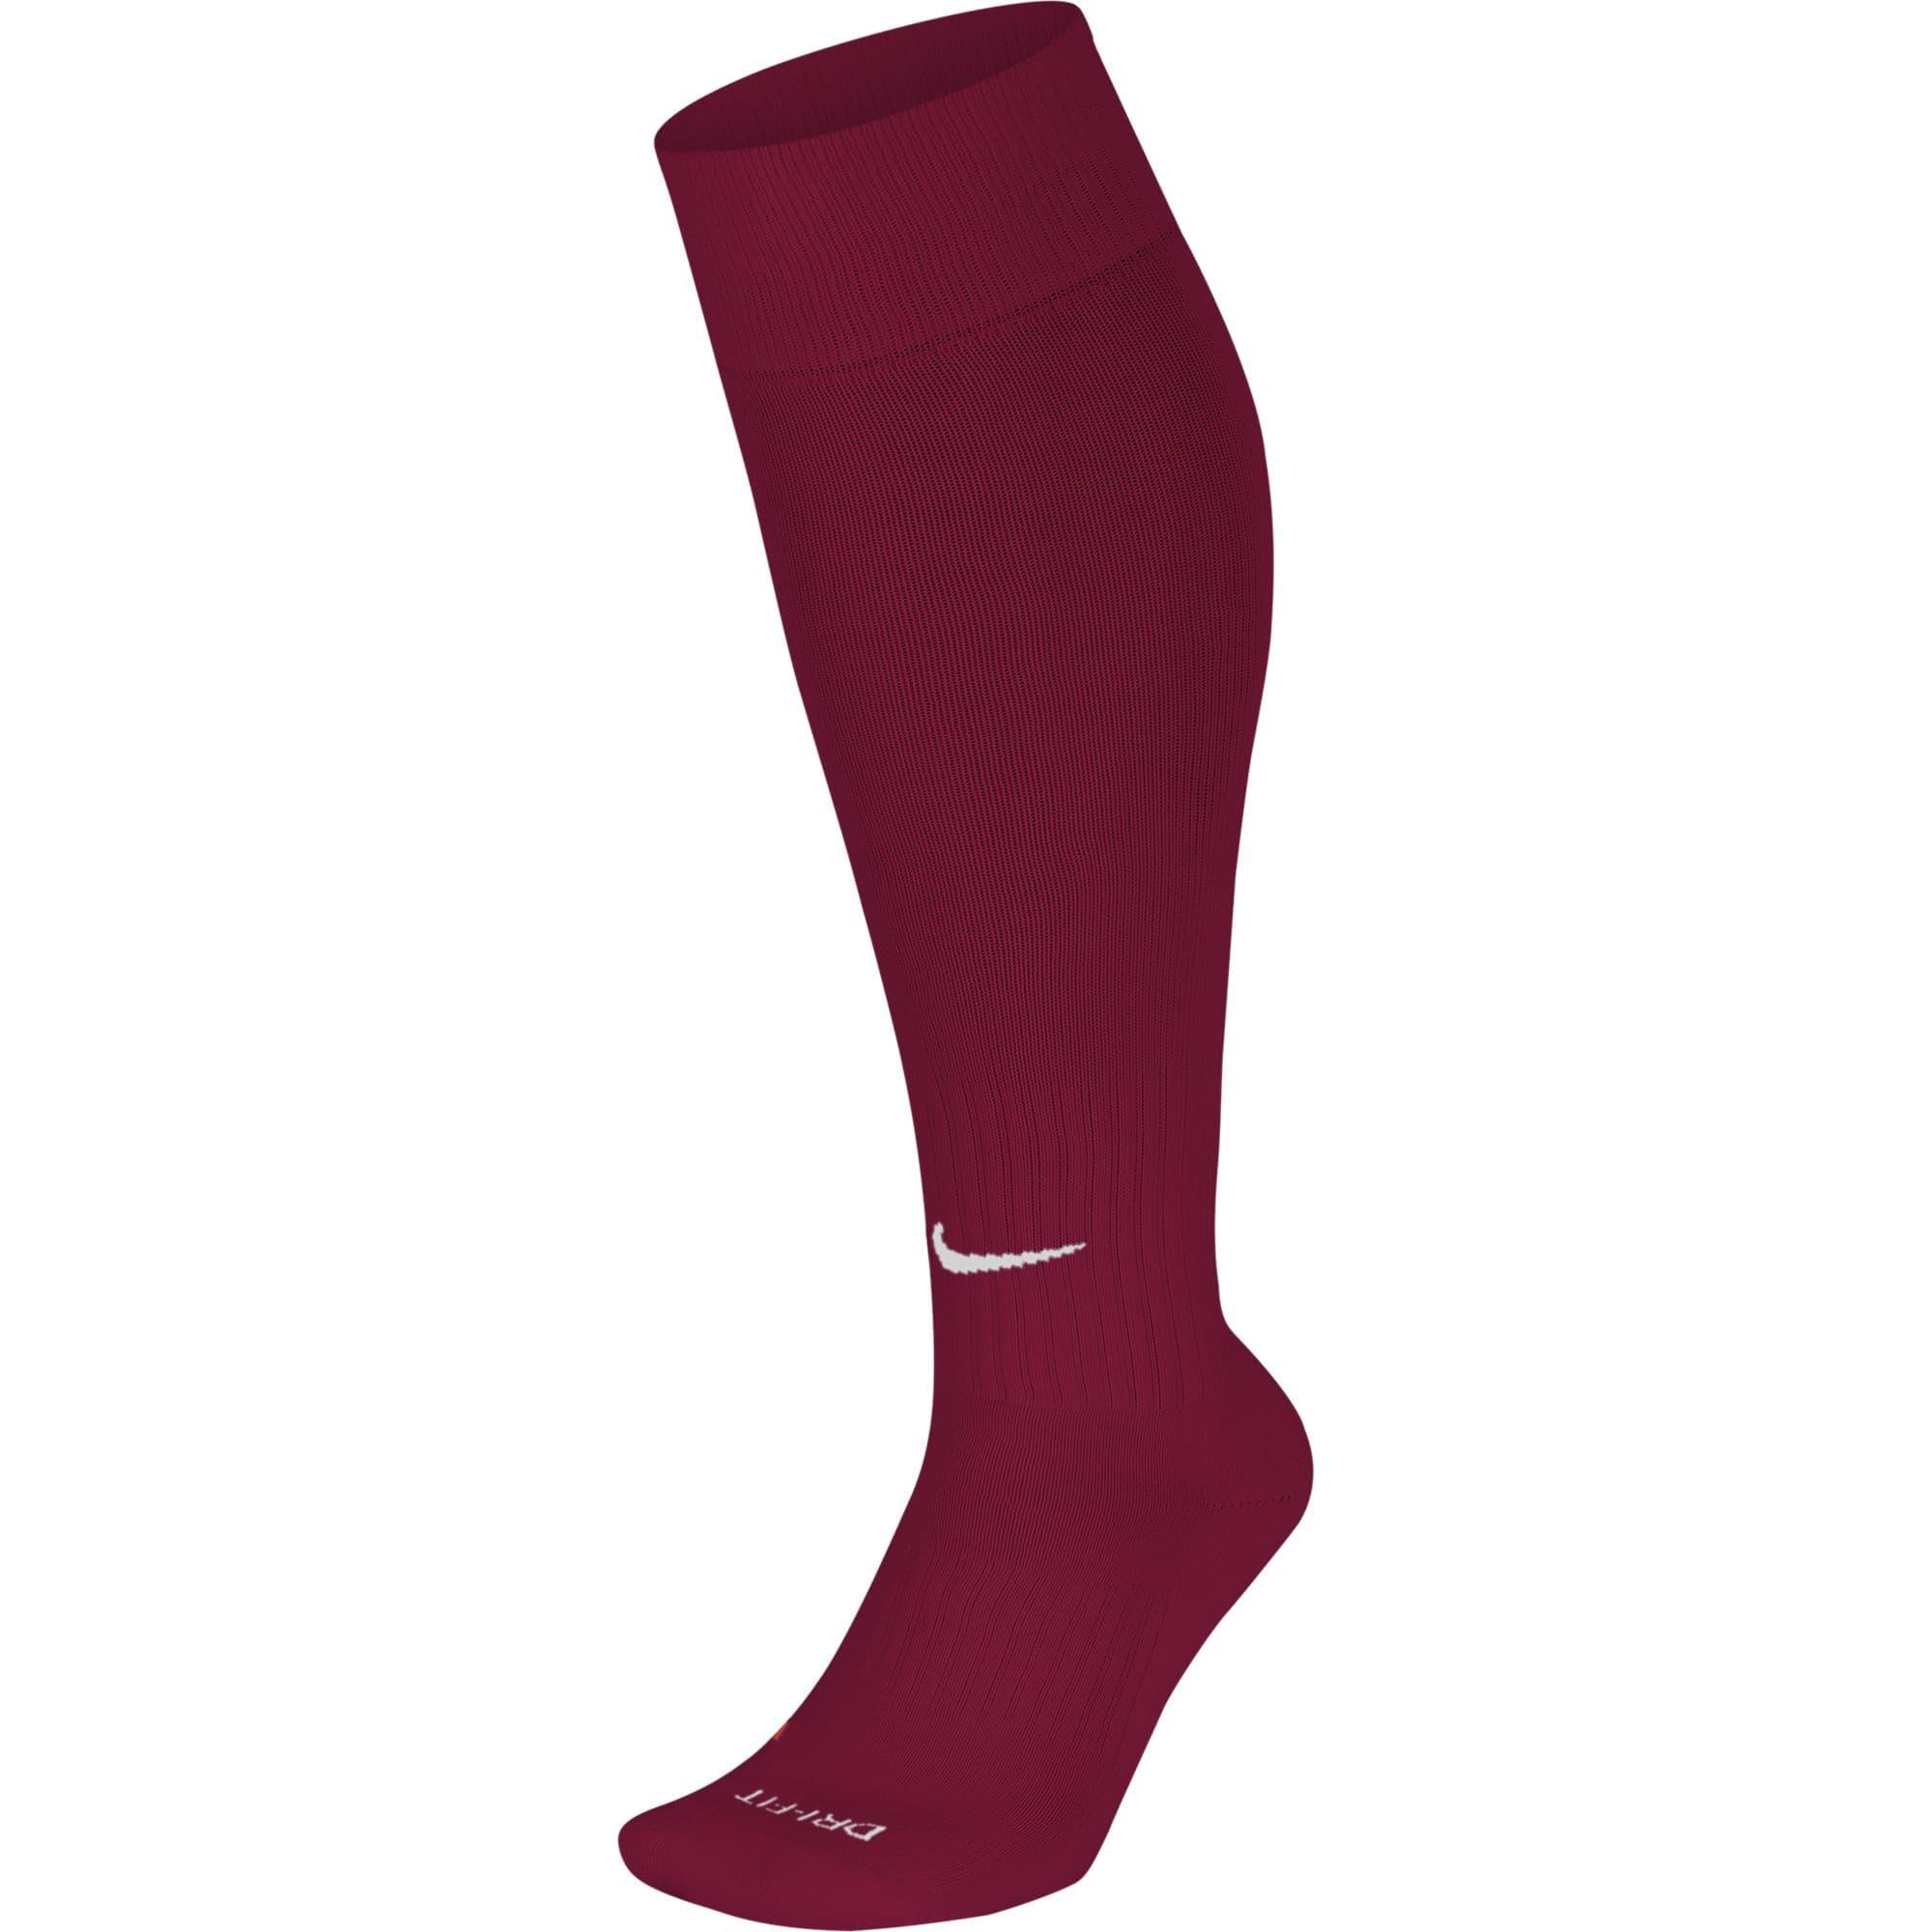 Academy Over-The-Calf Kırmızı Futbol Çorabı (SX4120-671)